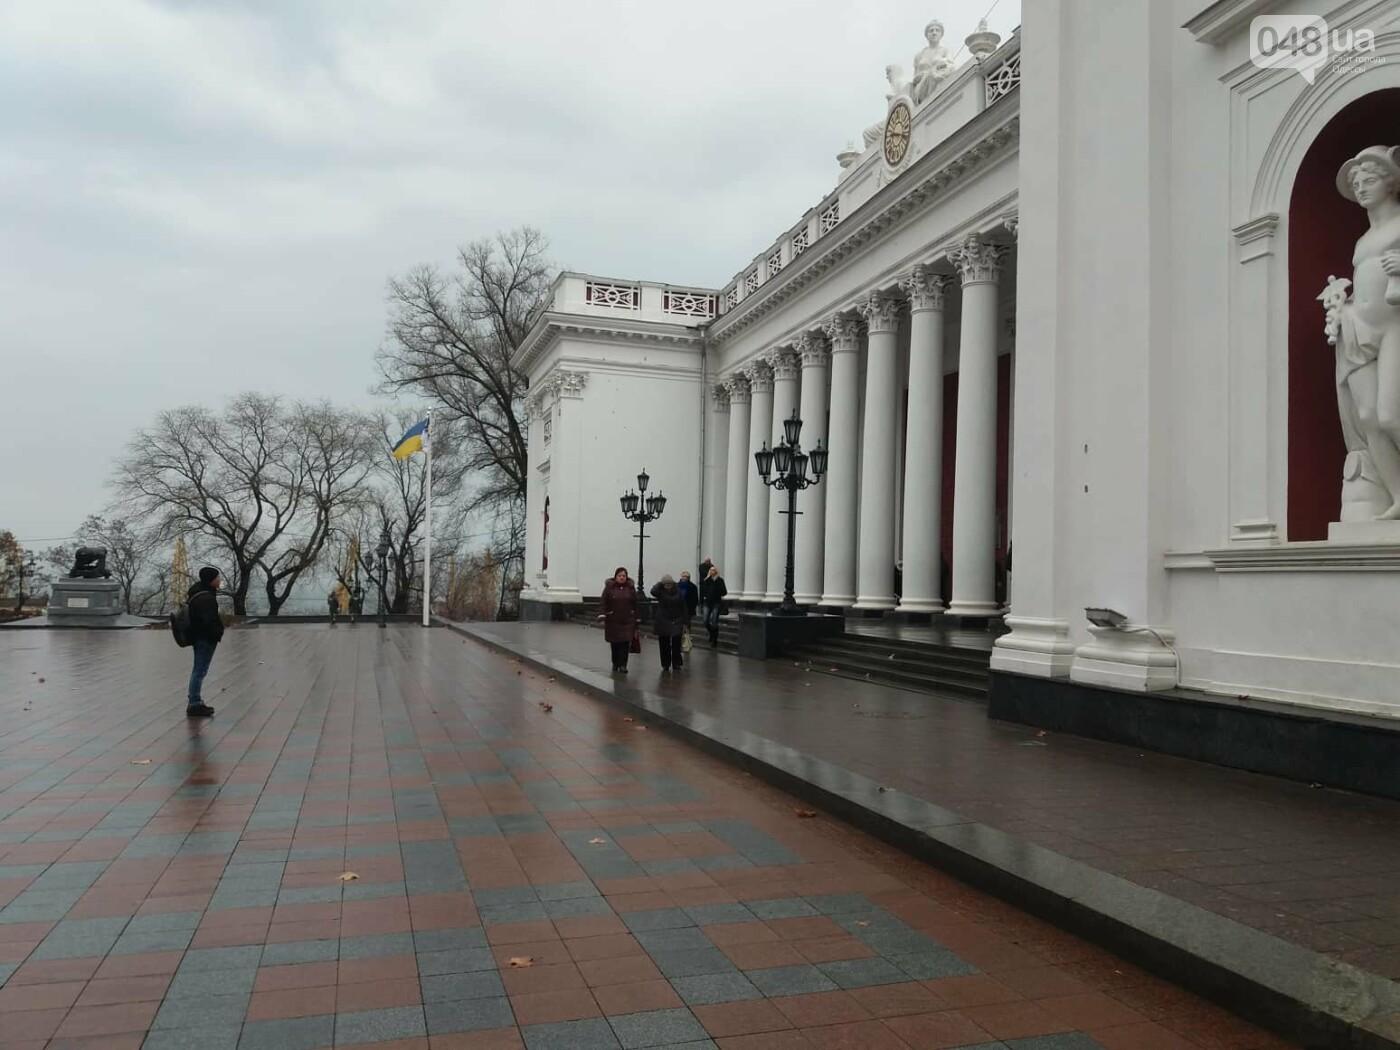 В Одессе началась сессия городского совета, - ФОТО, фото-2, Фото